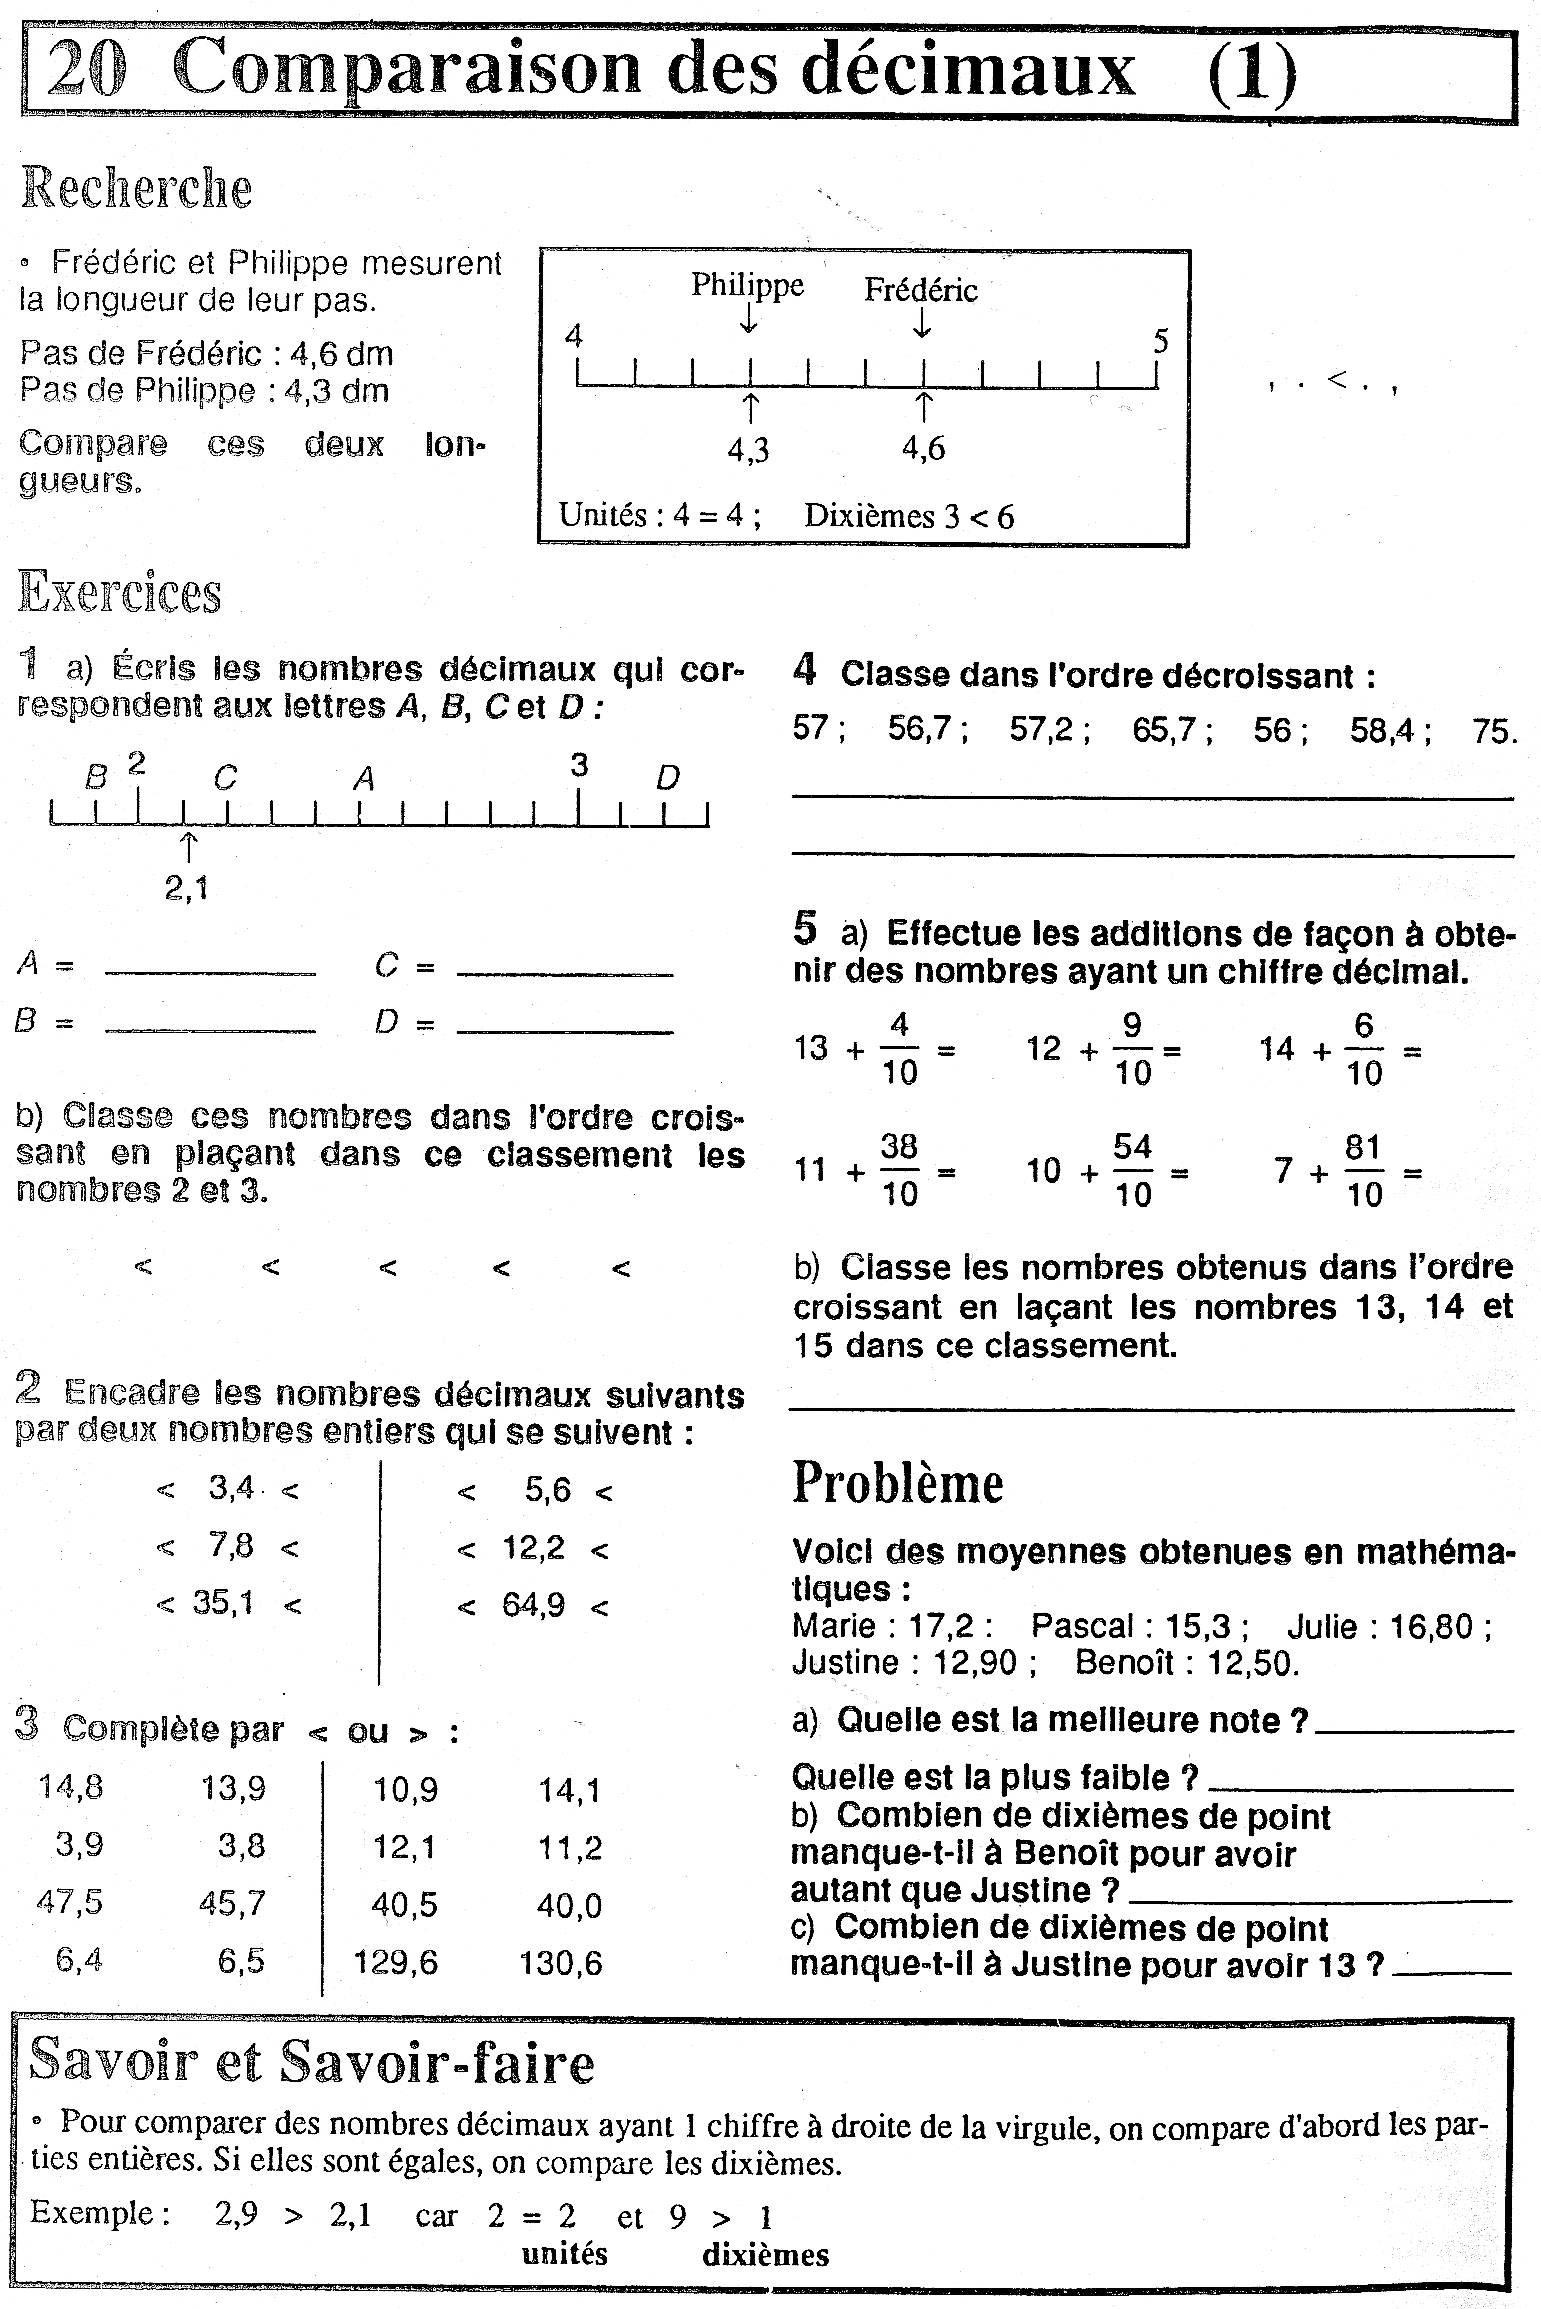 Maths Numeration Et Decimaux Site Du Cm2b Ecole Haut Poirier